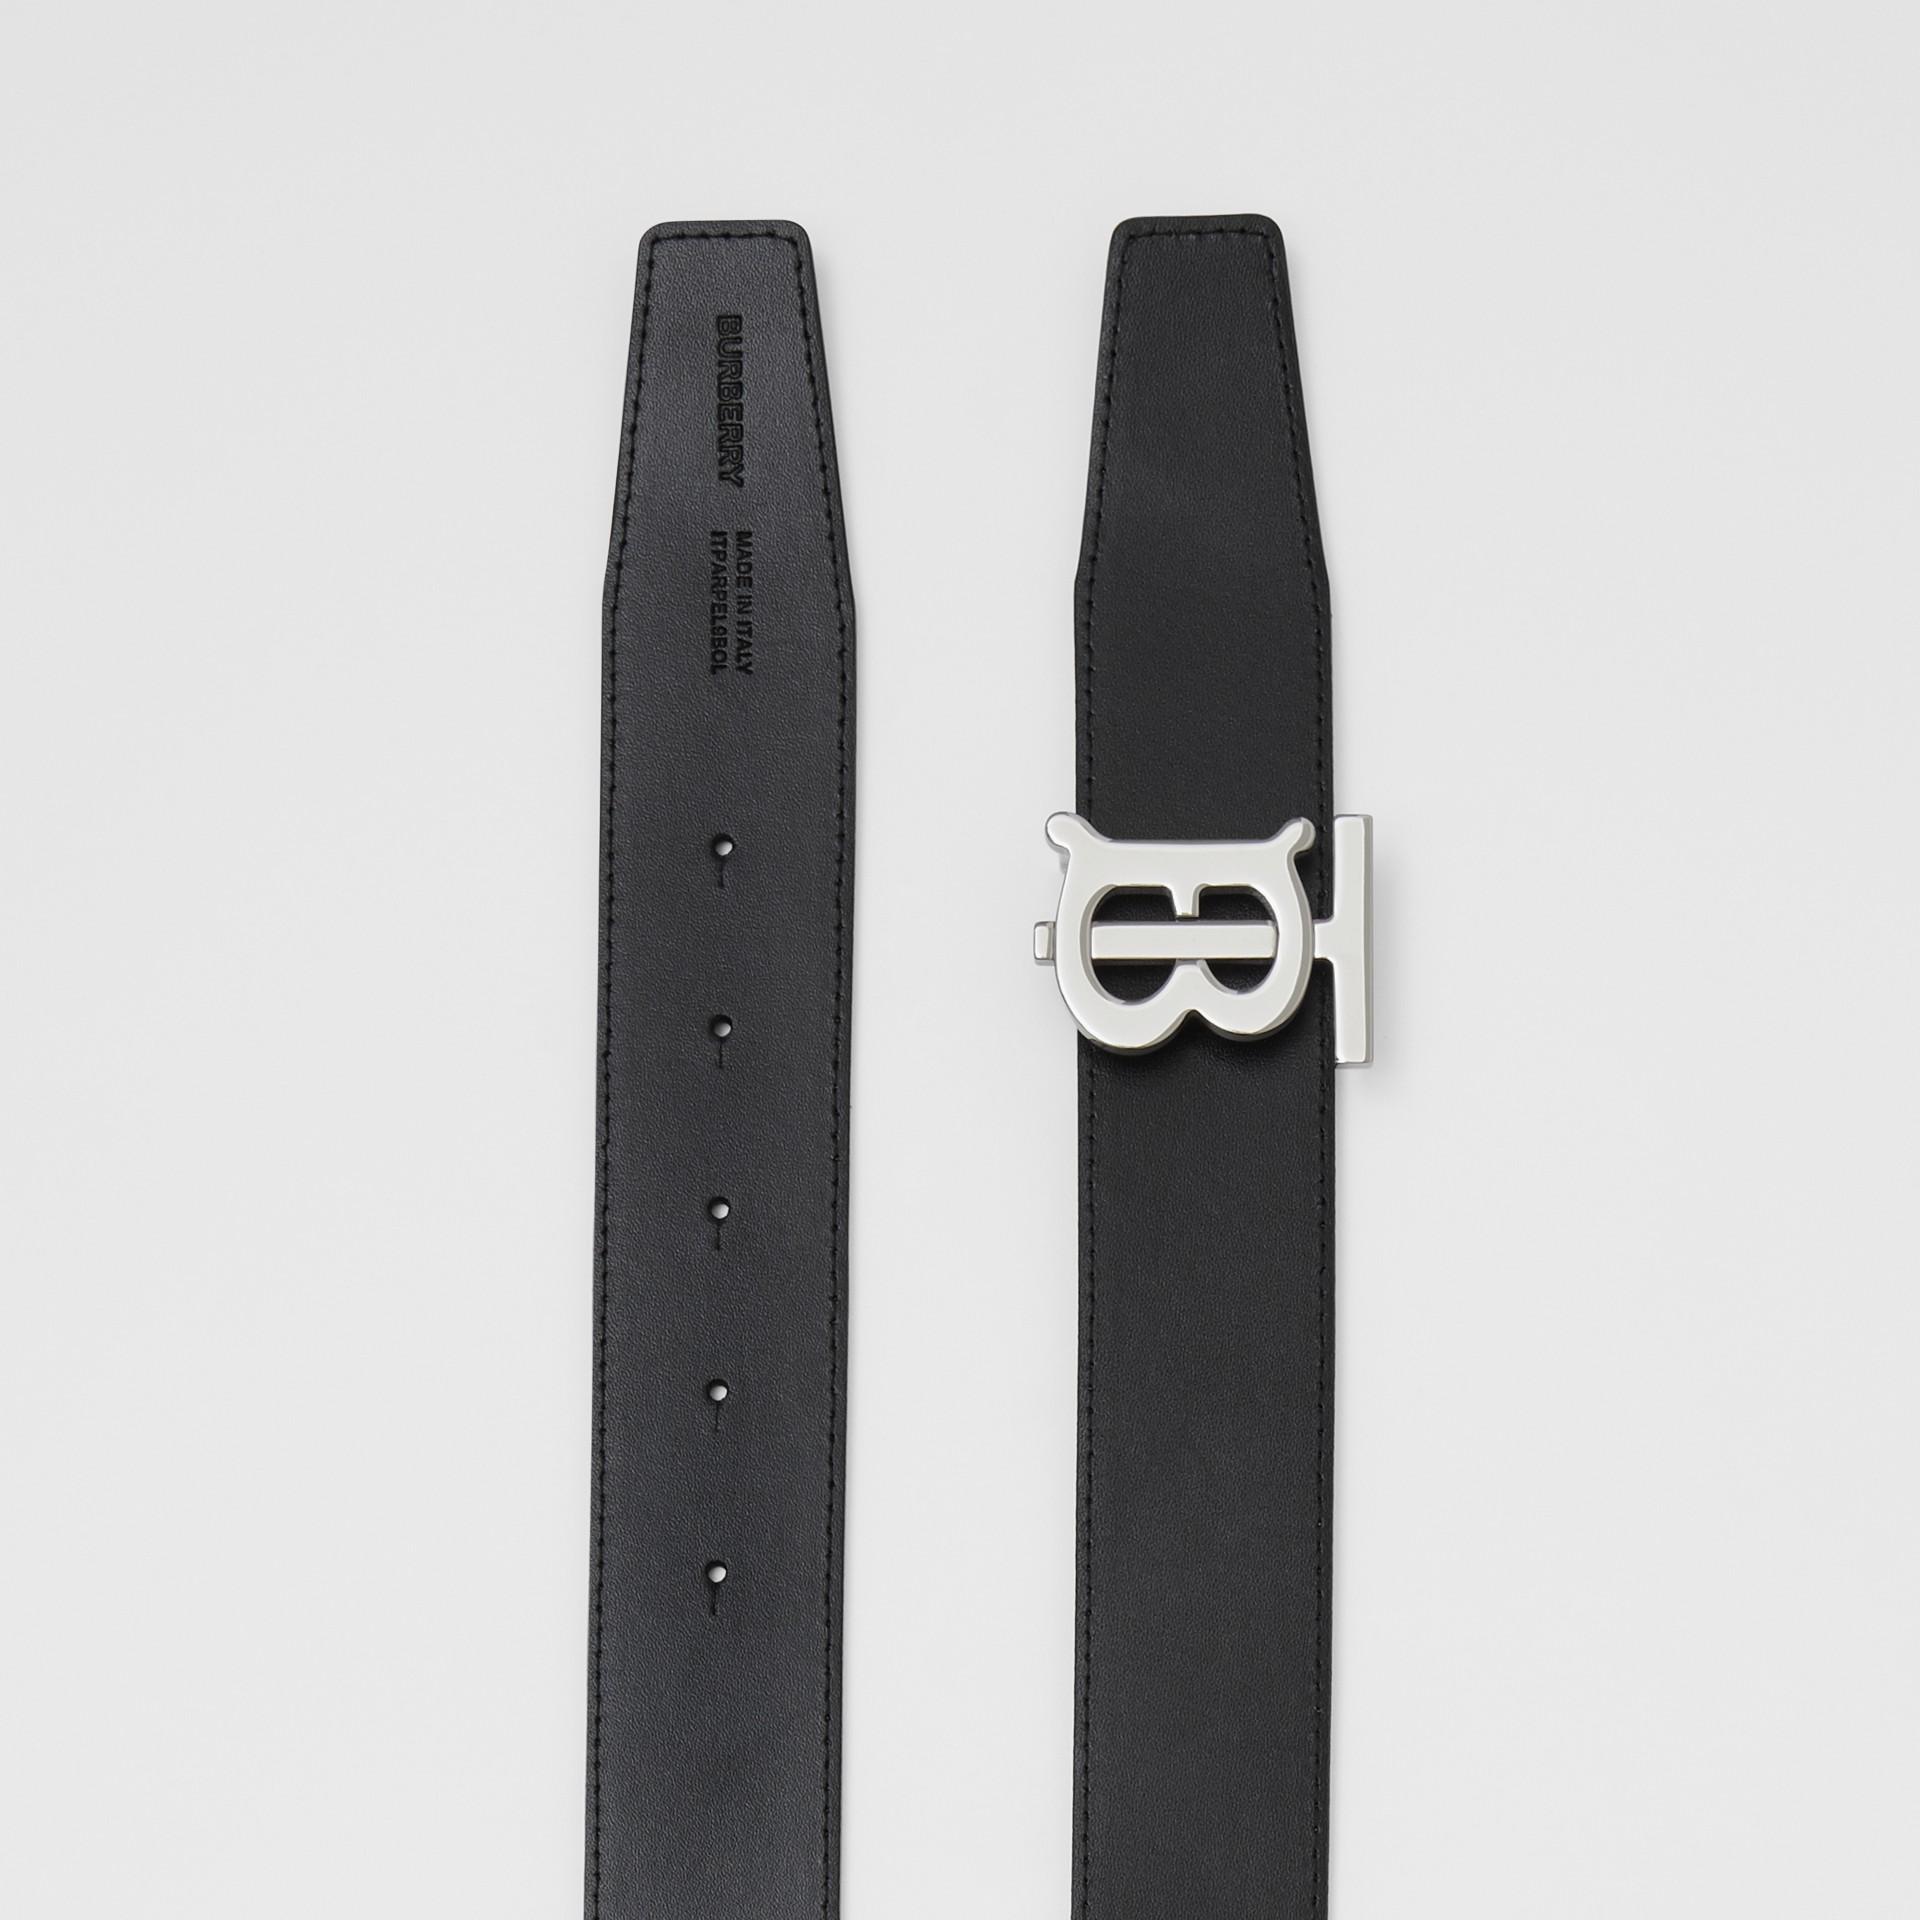 Двусторонний кожаный ремень с монограммой (Рыжевато-коричневый / Черный) - Для мужчин | Burberry - изображение 8